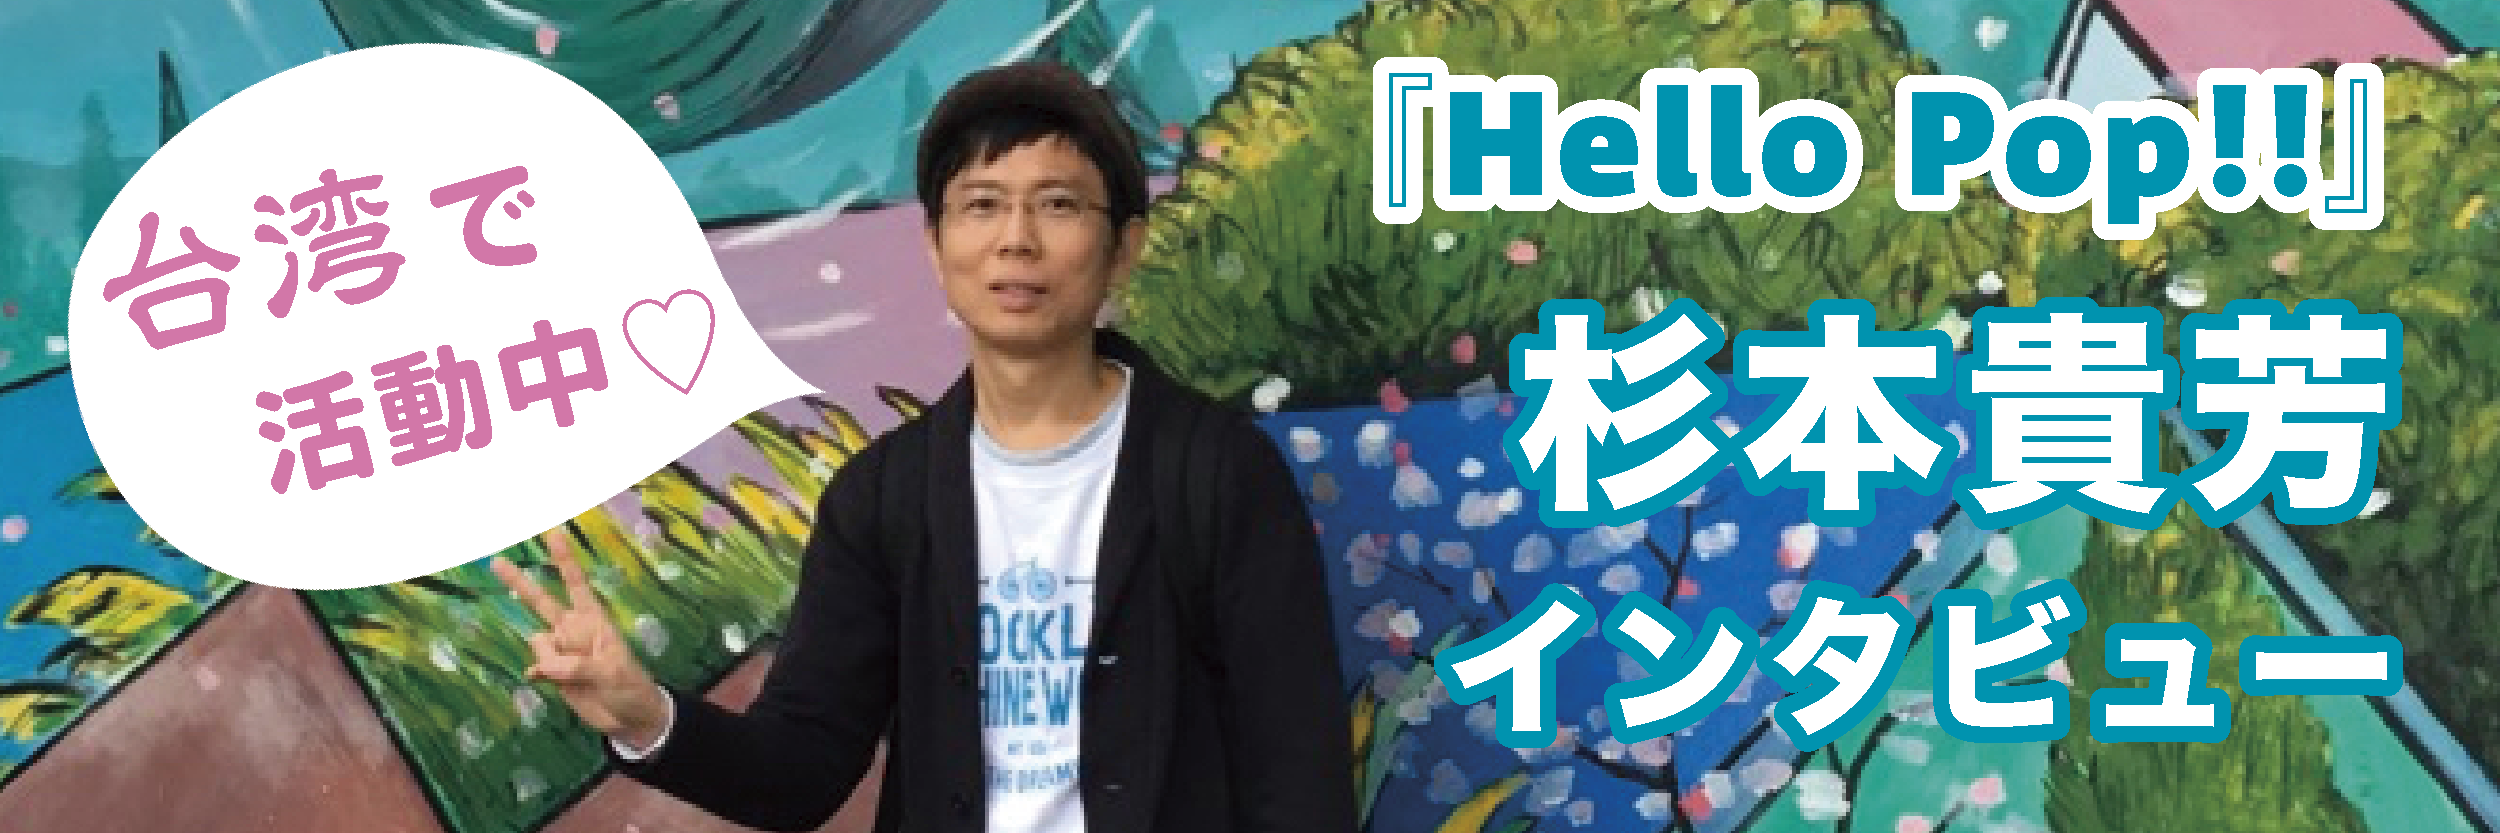 台湾で活躍している日本人!『Hello Pop!!』の杉本貴芳さんにインタビュー